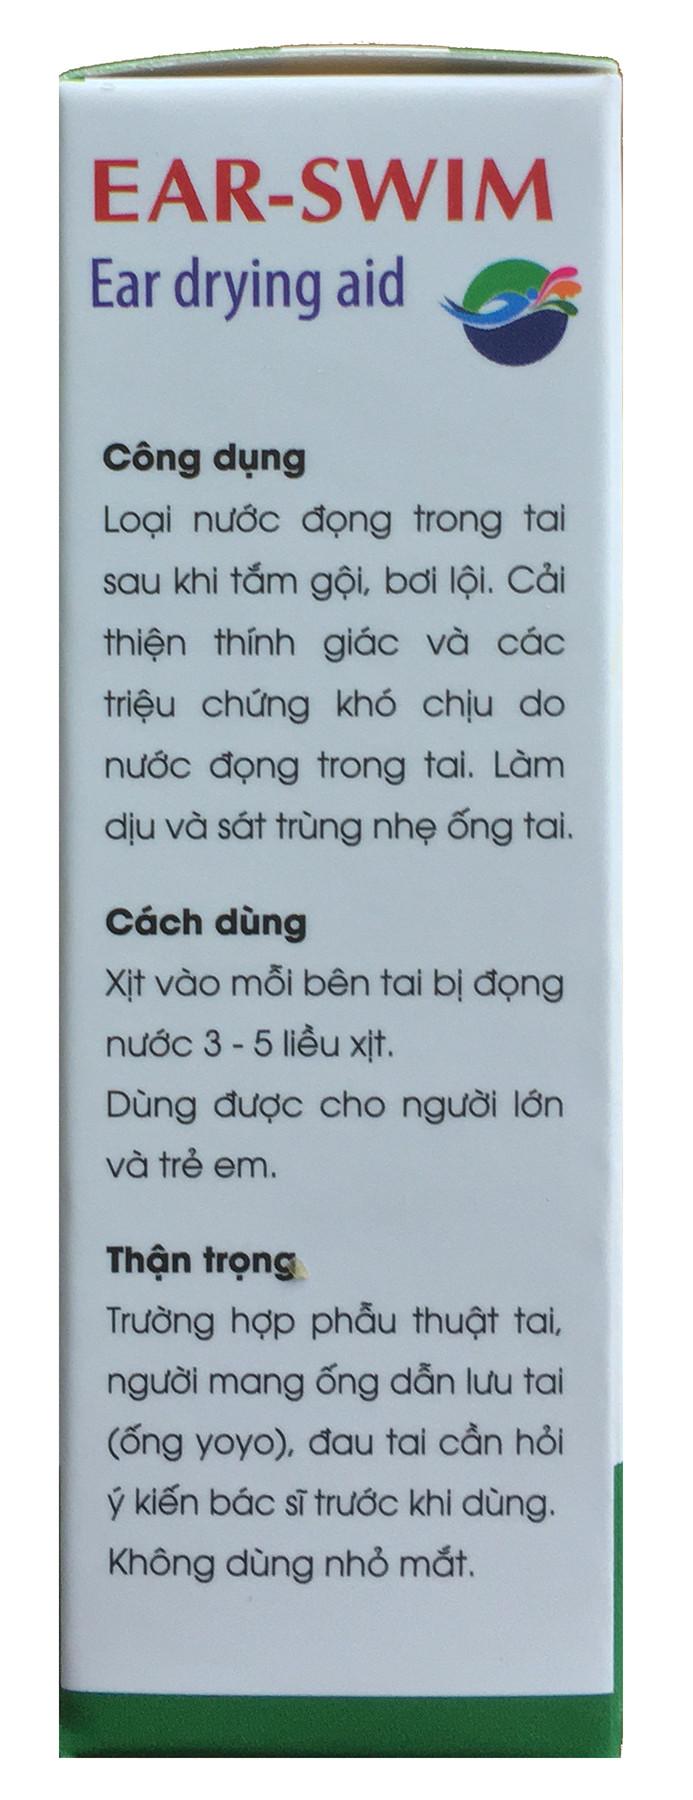 Ear-Swim (Dung dịch làm khô tai. Hàng chính hãng)